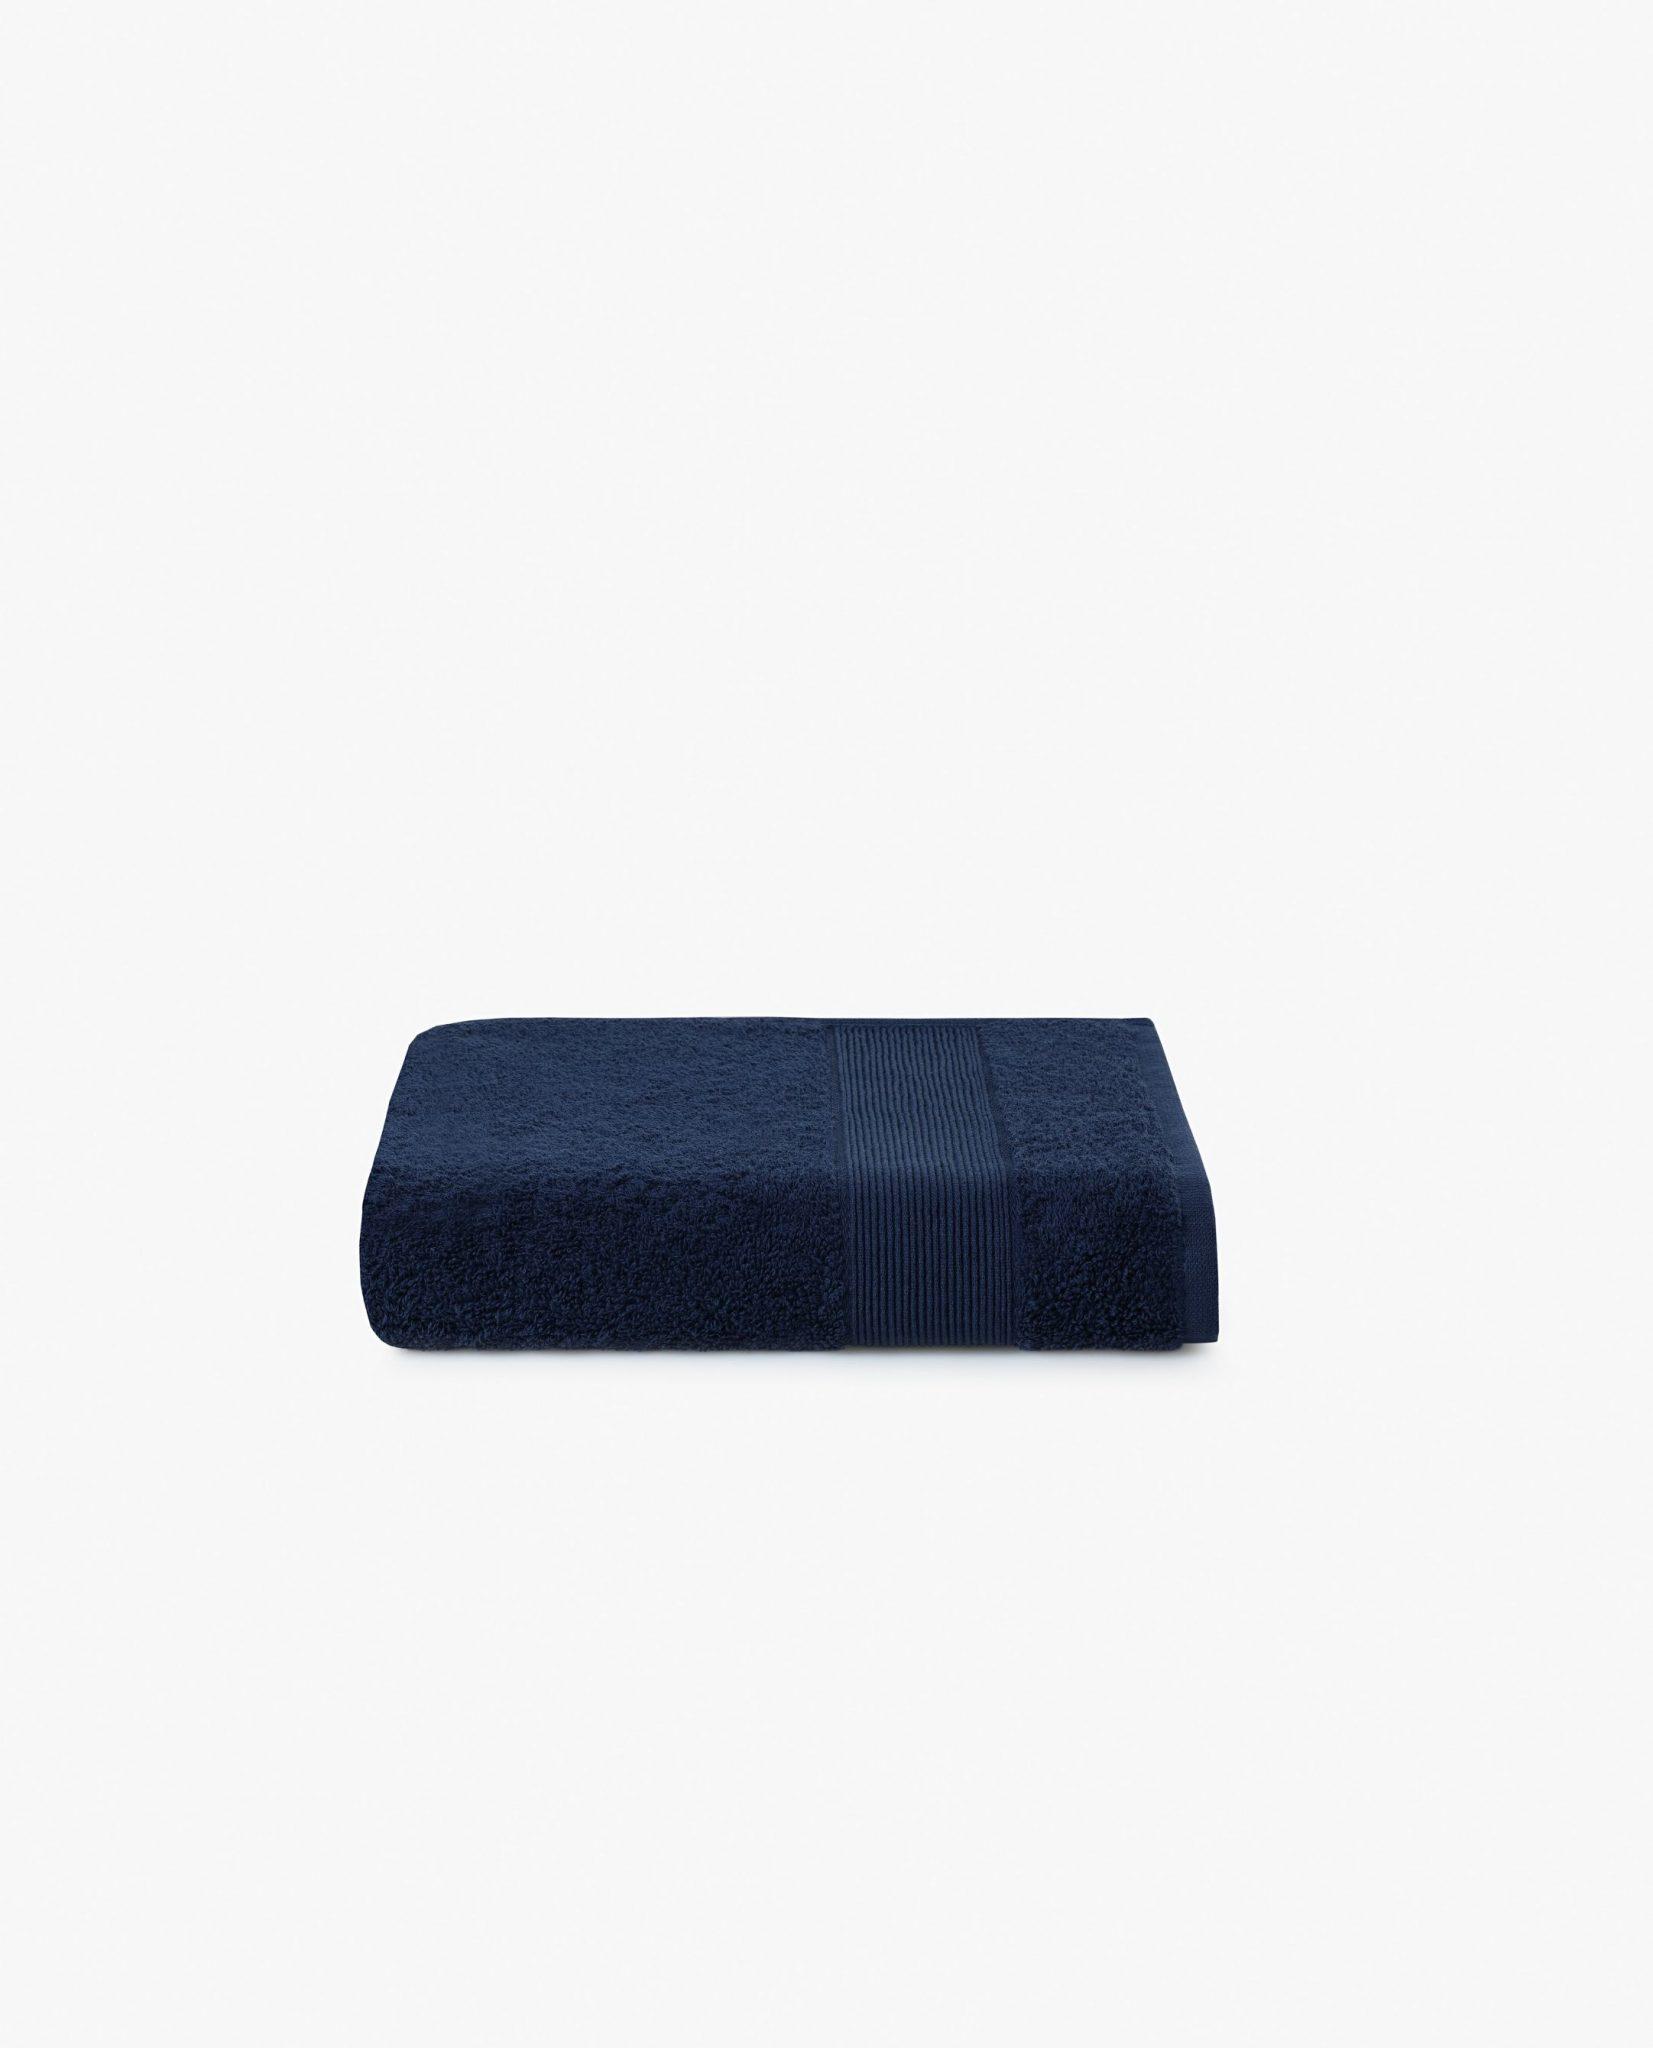 toalha de rosto 100%algodão em azul marinho